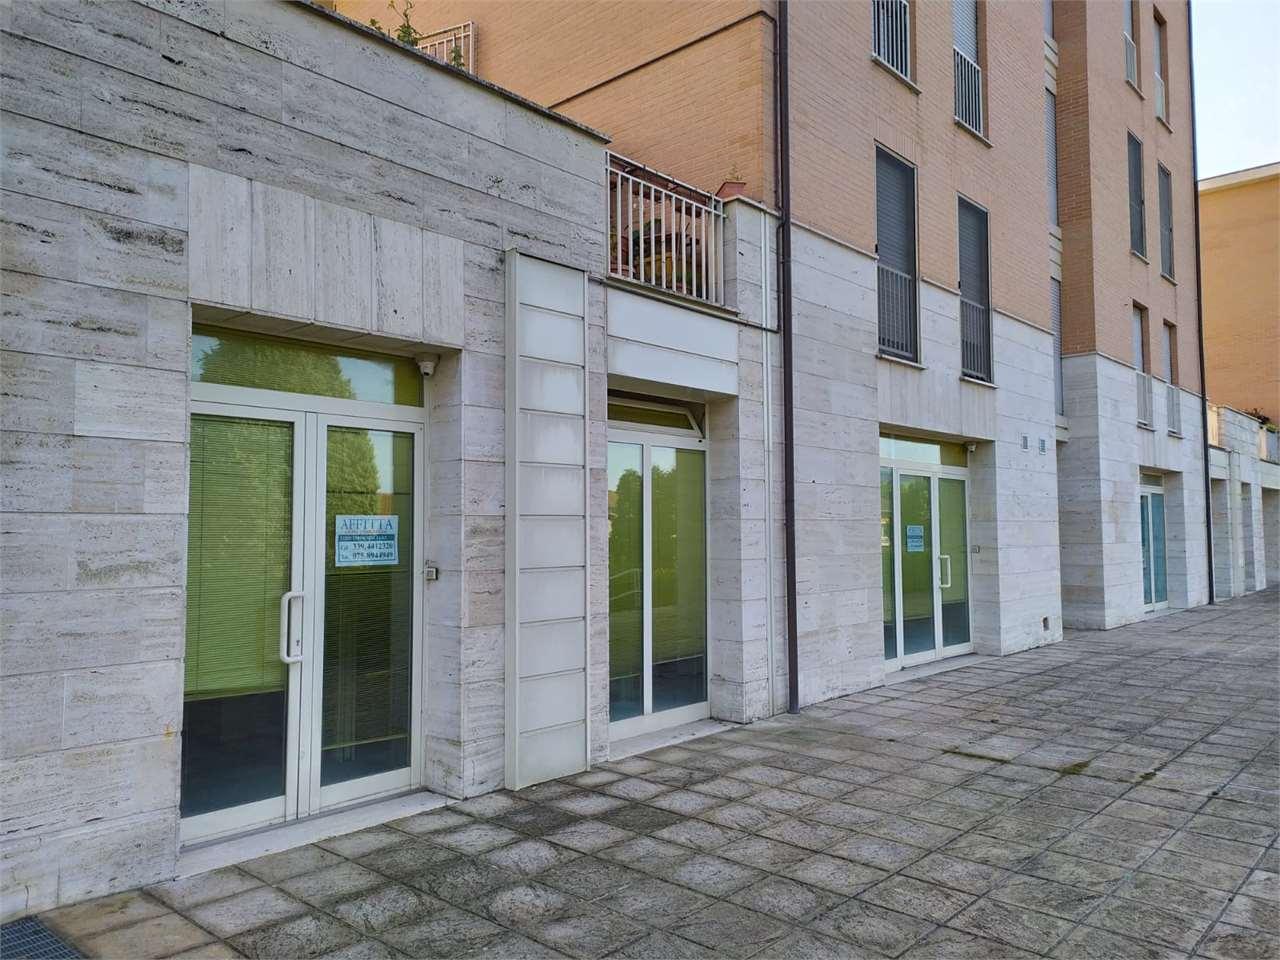 Negozio / Locale in affitto a Todi, 4 locali, zona Zona: Ponterio, prezzo € 600 | CambioCasa.it